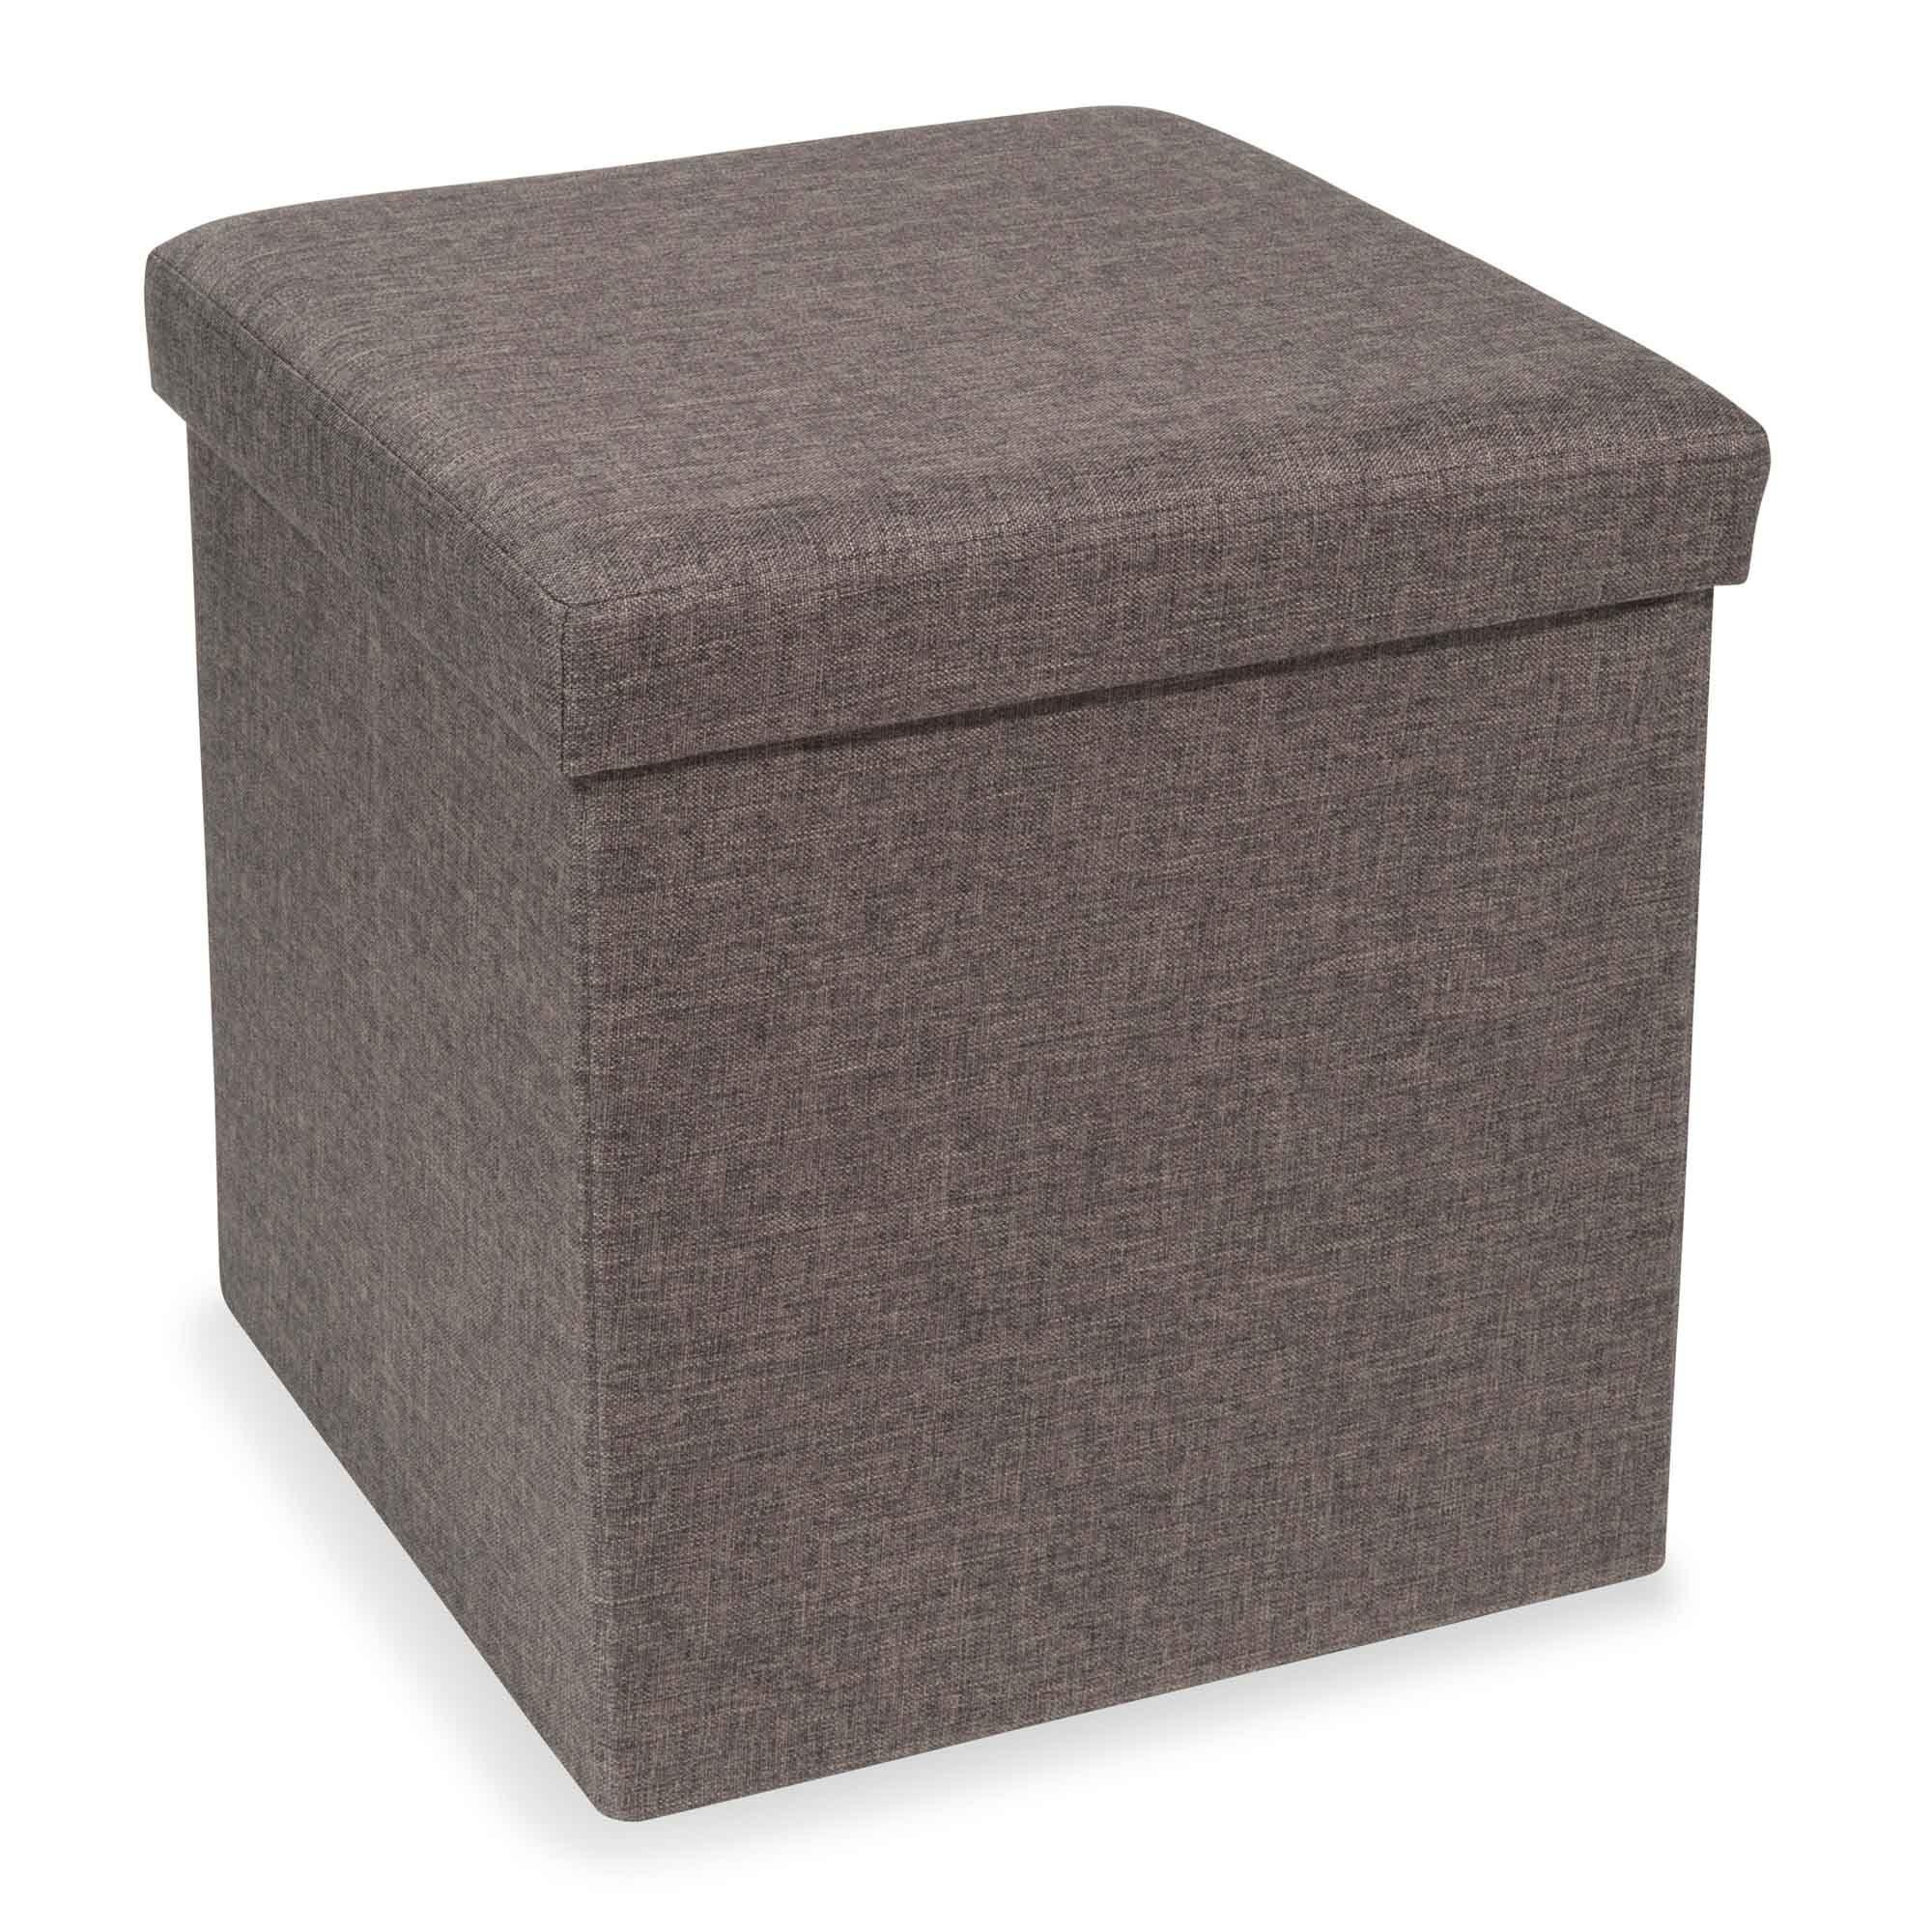 Puf con baúl plegable de tela gris STONE | Muebles | Pinterest ...